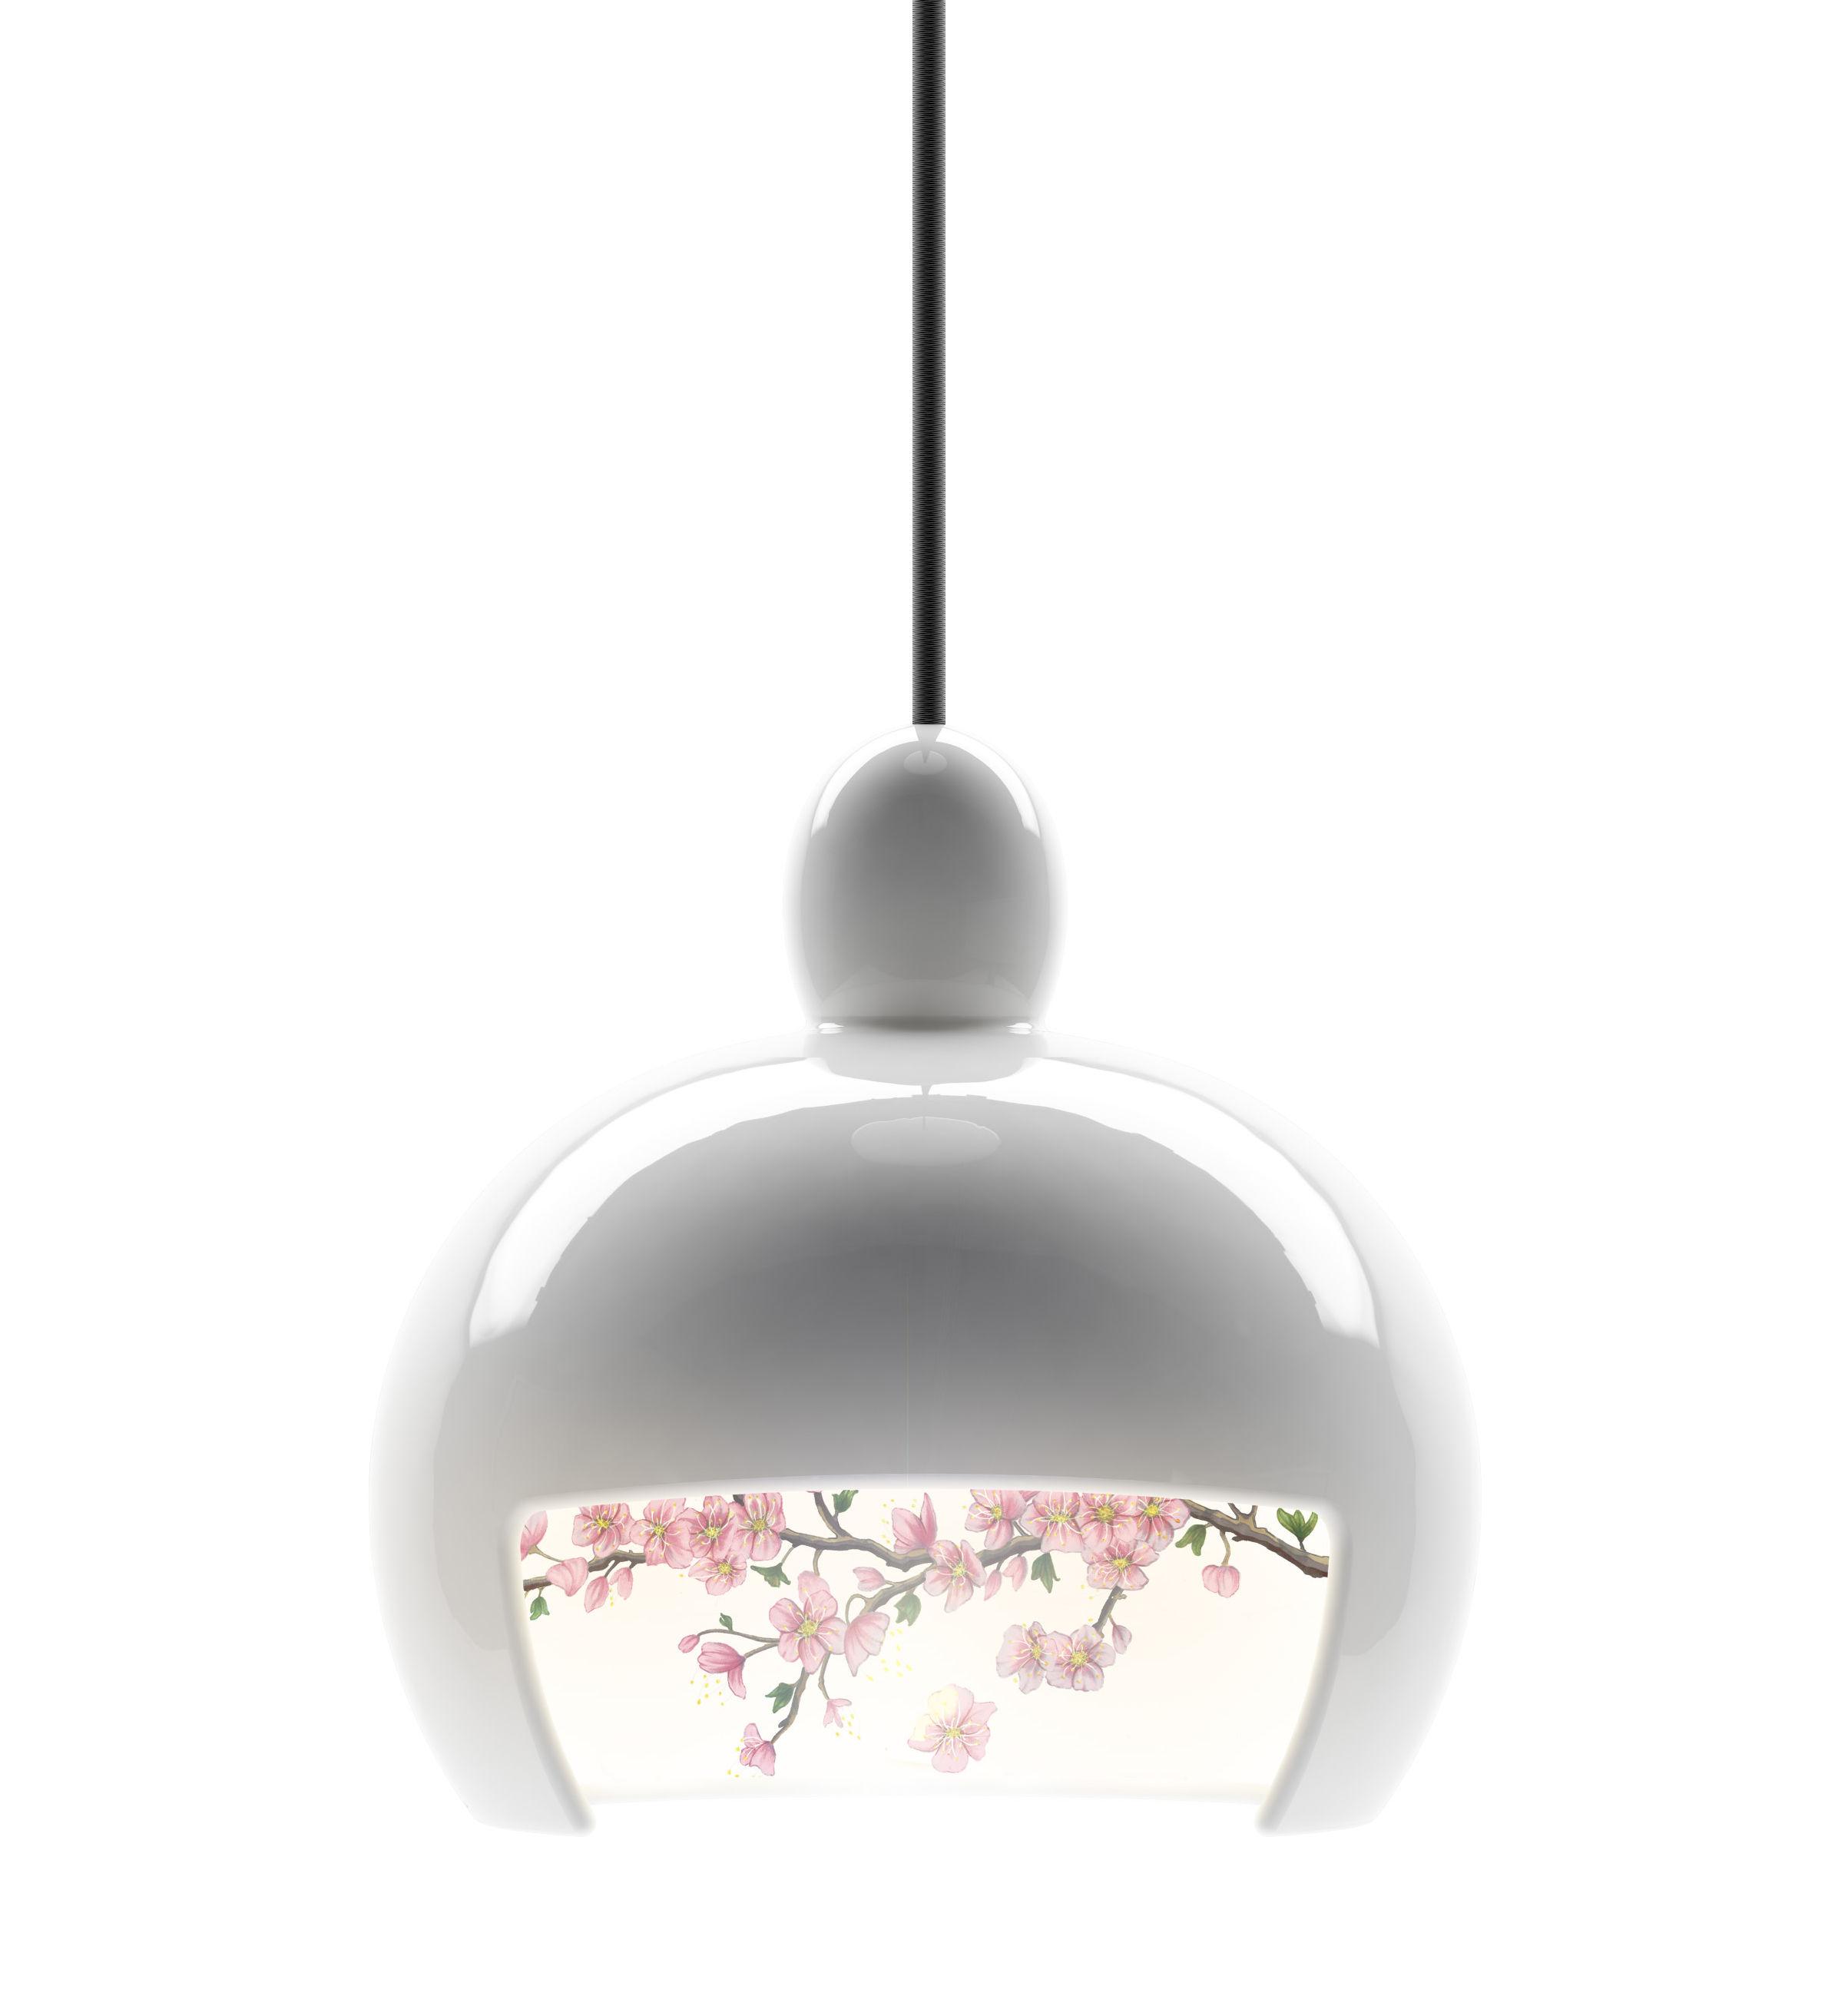 Luminaire - Suspensions - Suspension Juuyo - Peach Flowers - Moooi - Blanc - Motif fleurs de pêcher - Céramique, Textile